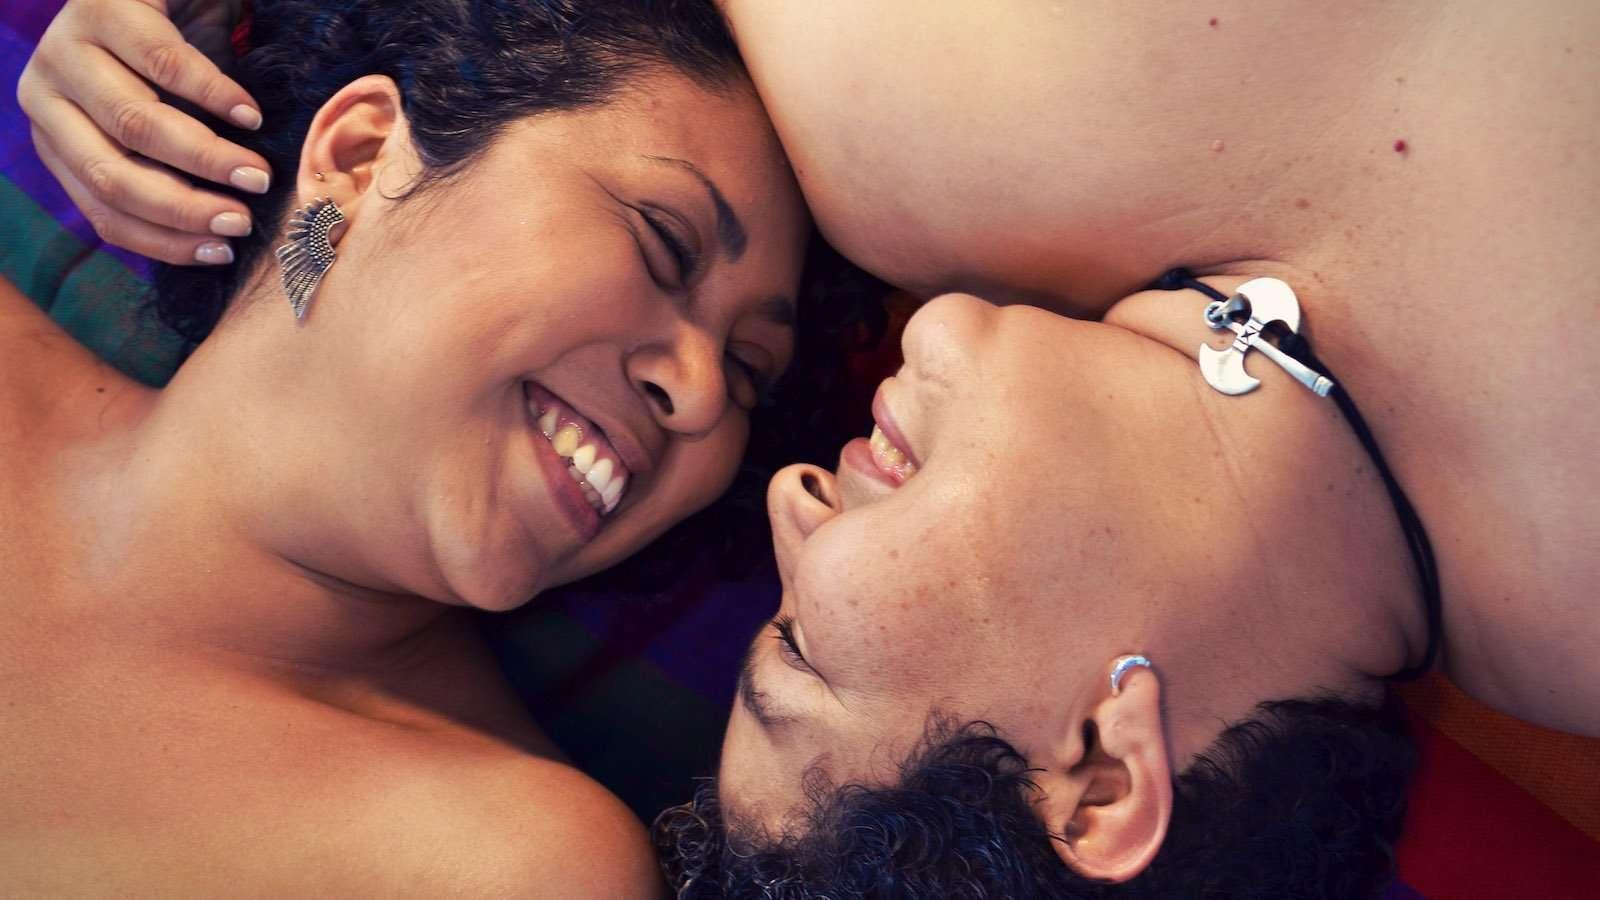 QWOCFF 2016 Centerpiece Screening - Mi Voz Lesbiana by Jessica Agila